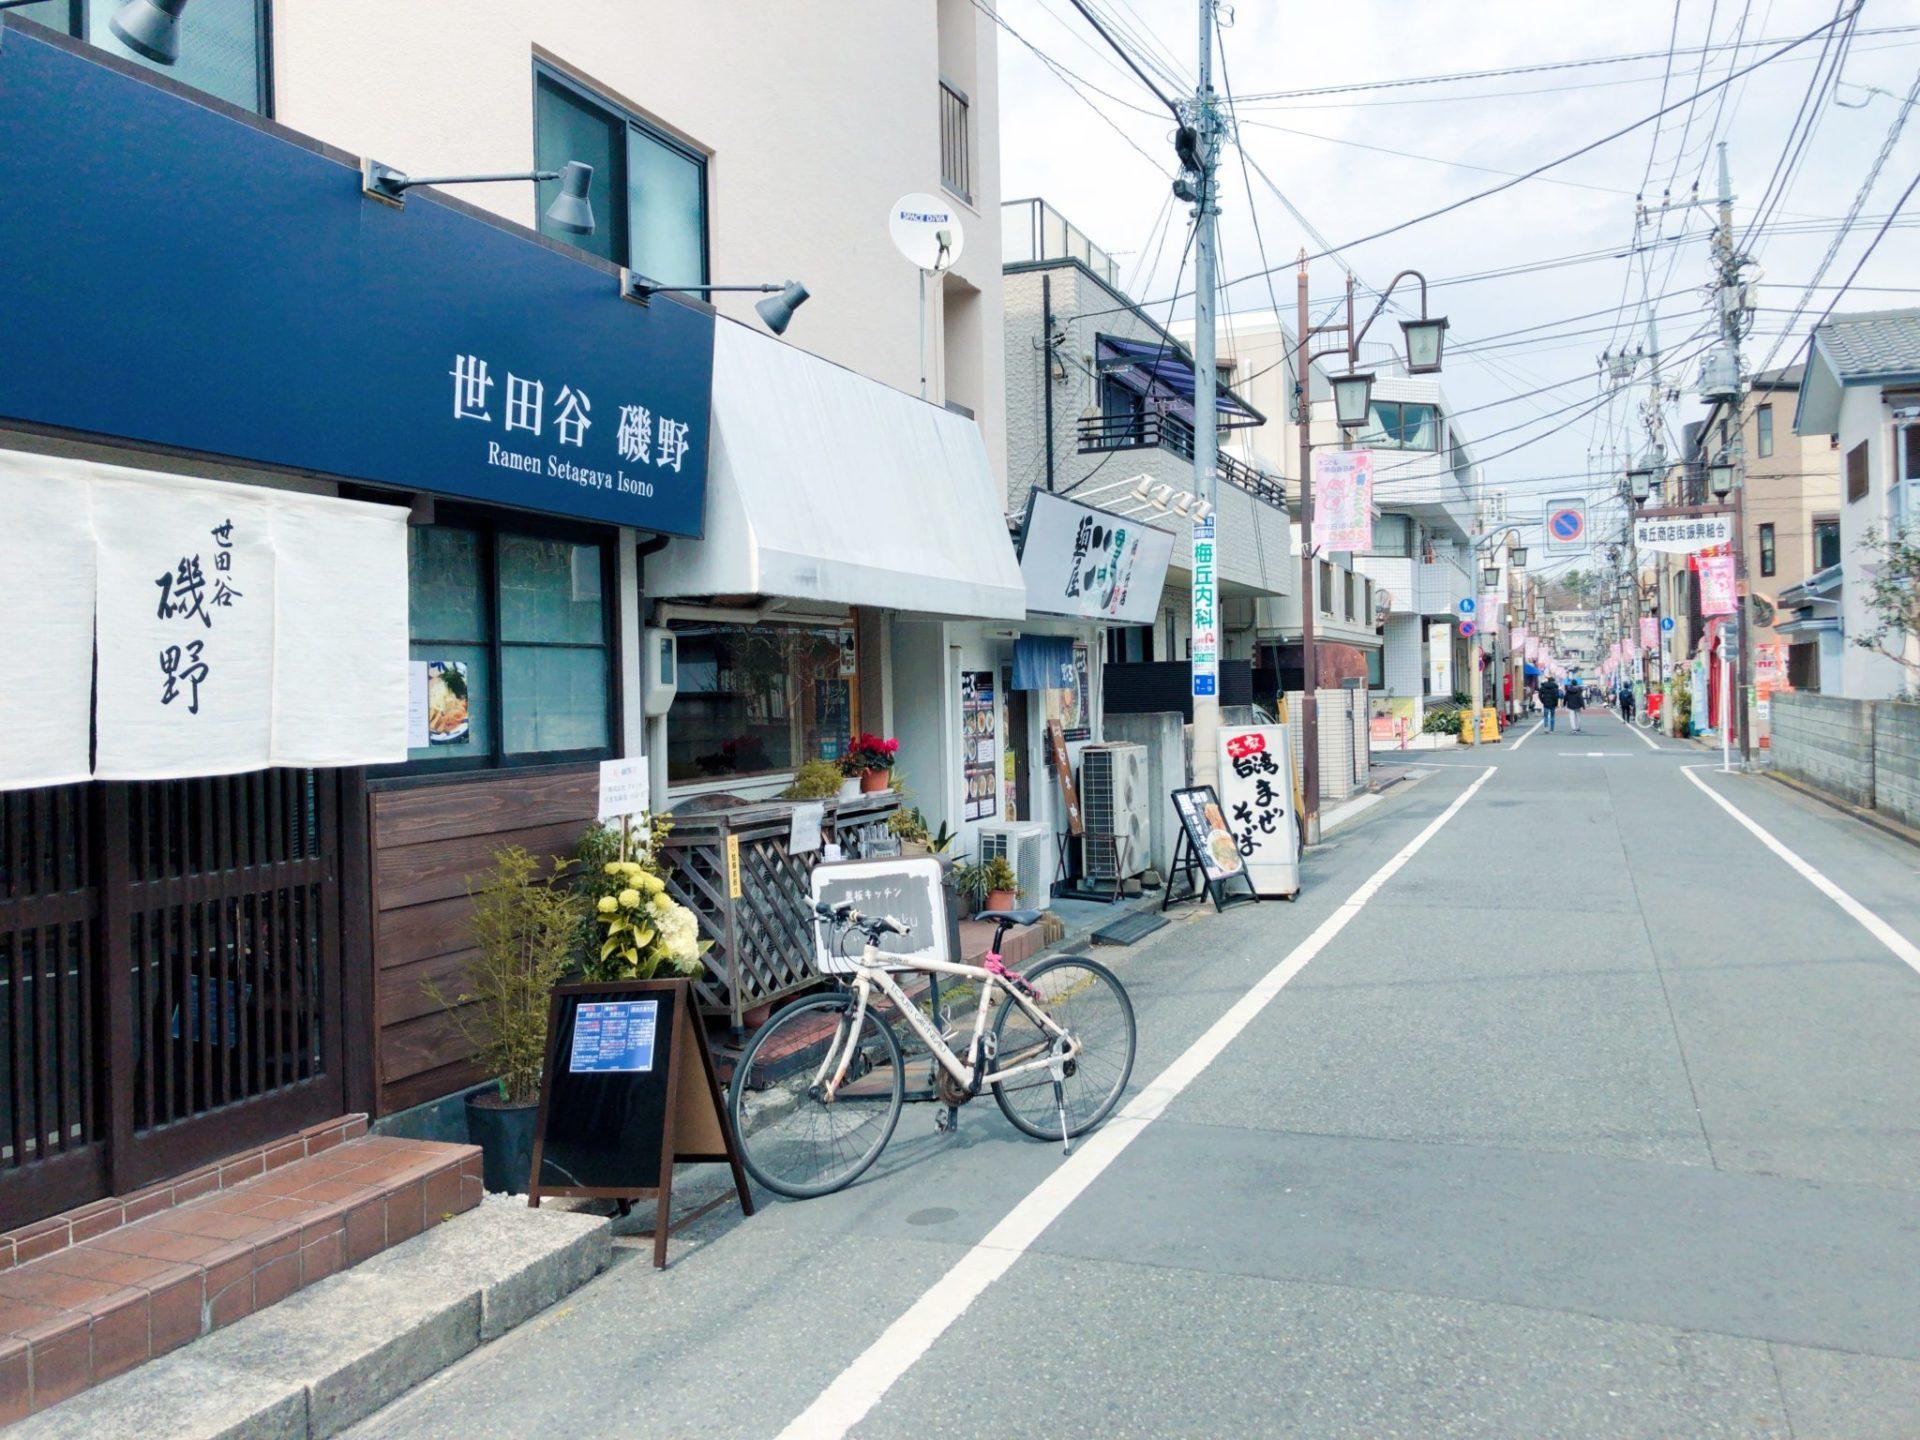 梅ヶ丘の支那そばや 世田谷磯野の外観は商店街沿い